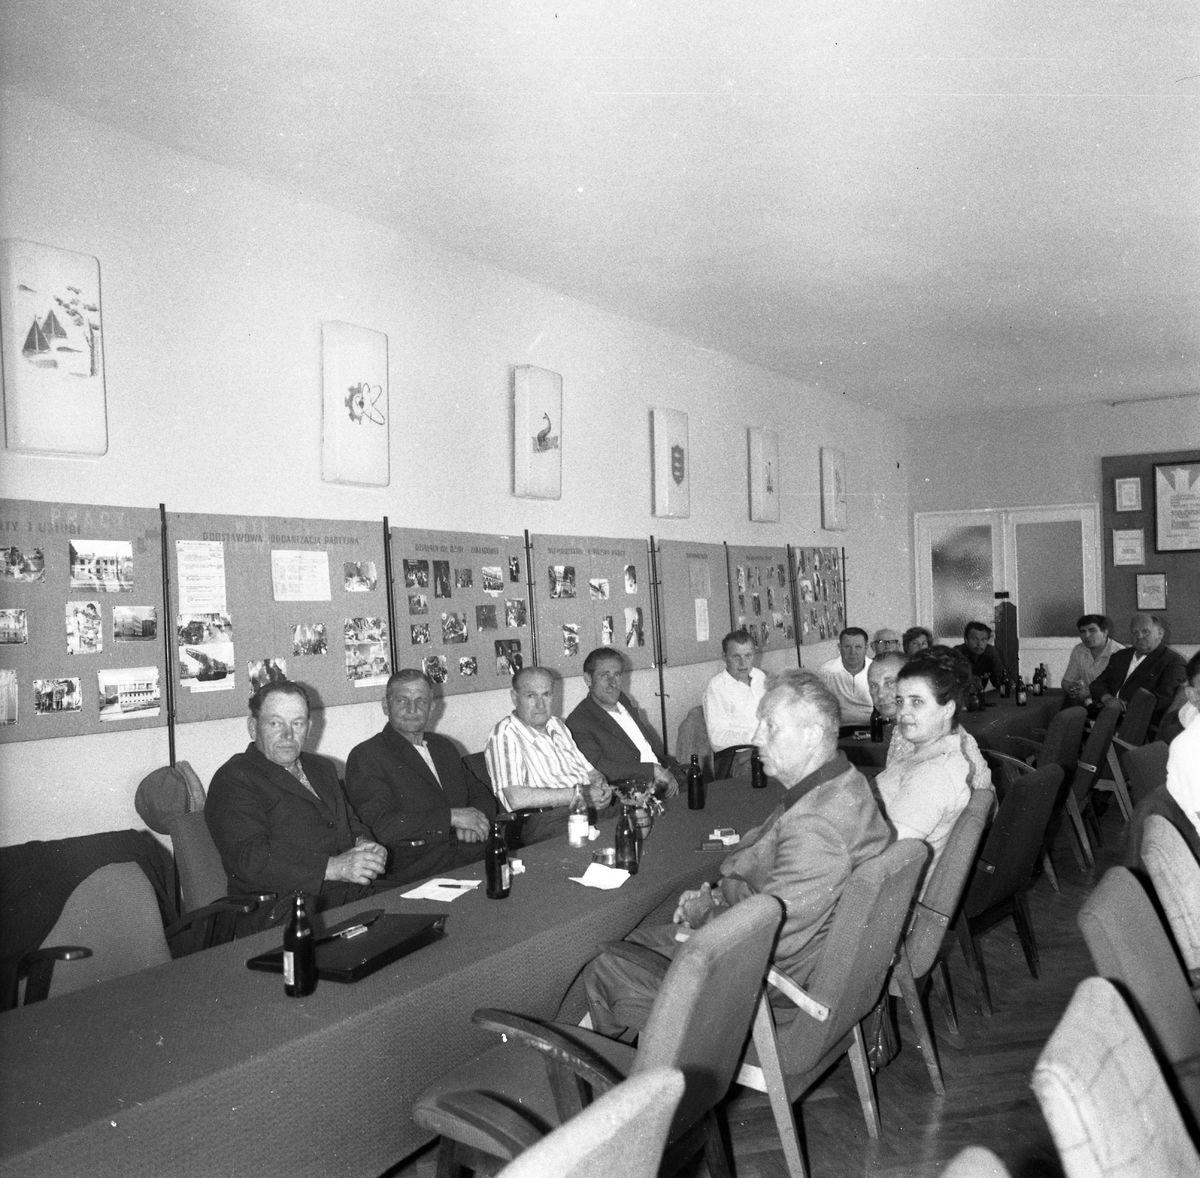 Uroczysta Sesja Miejskiej Rady Narodowej, 1975 r. [1]